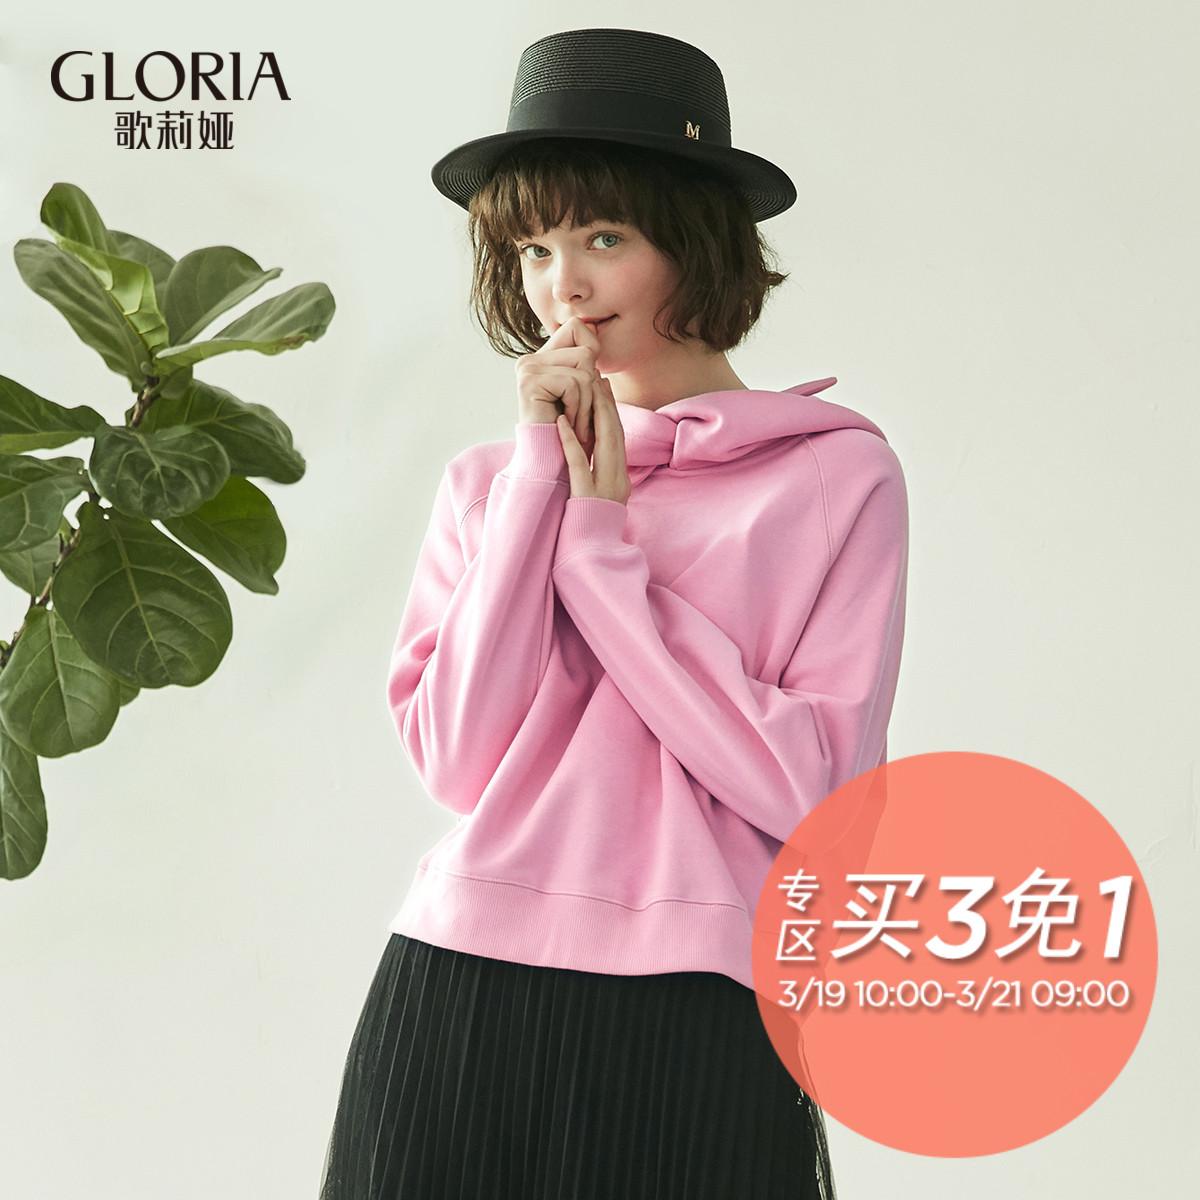 歌莉娅女装 GLORIA歌莉娅女装新品纯棉上衣短款连帽卫衣17SK0E180_推荐淘宝好看的歌莉娅